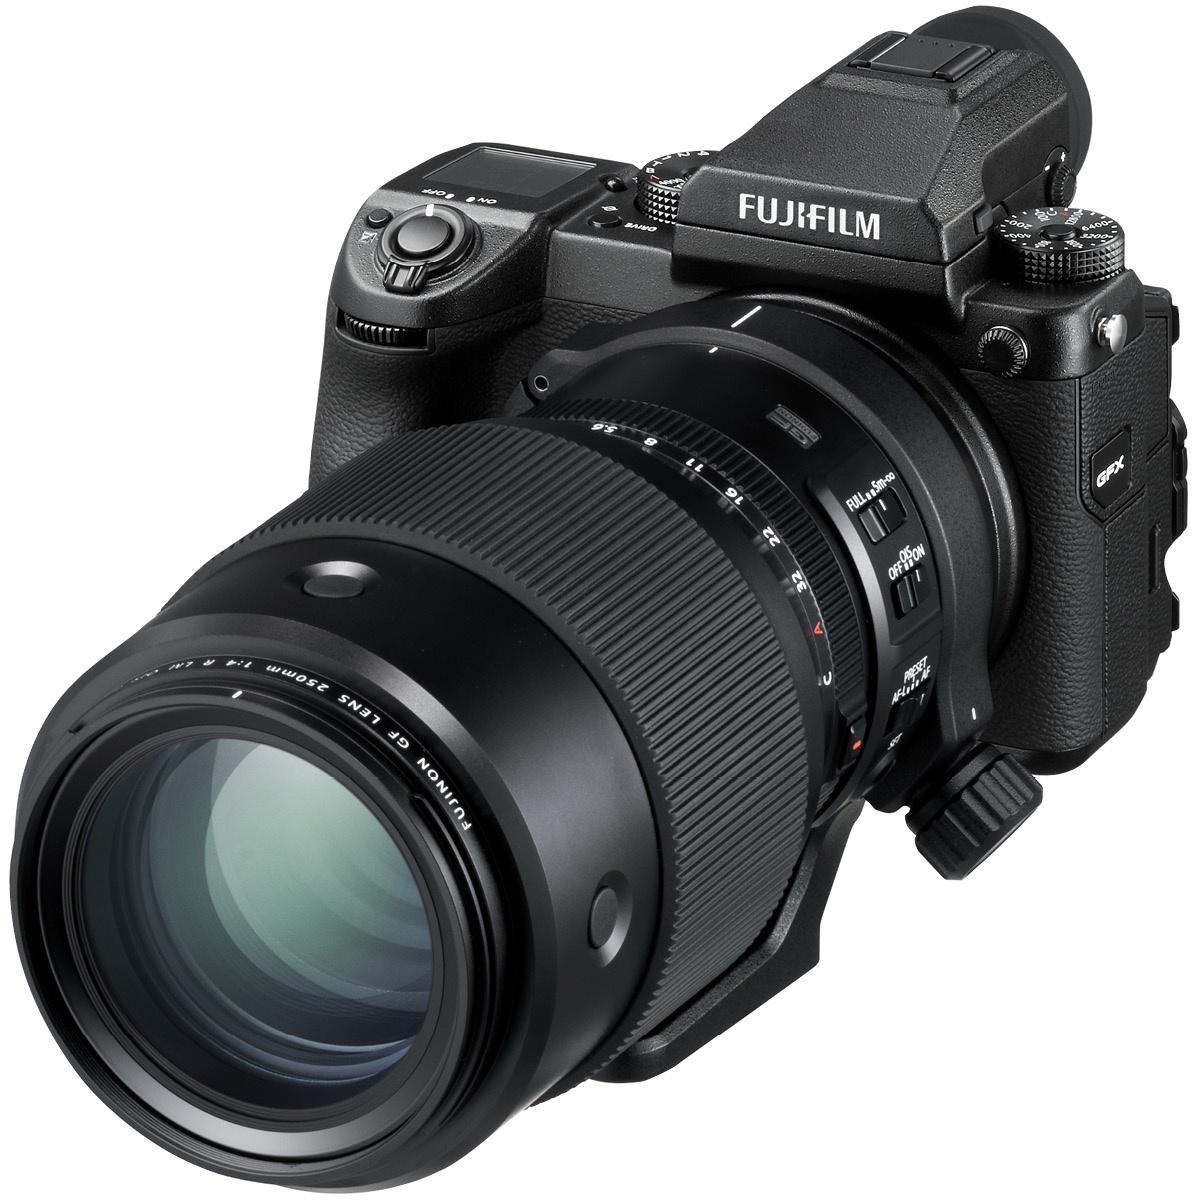 Fujifilm GF 250 mm 1:4,0 LM WR OIS